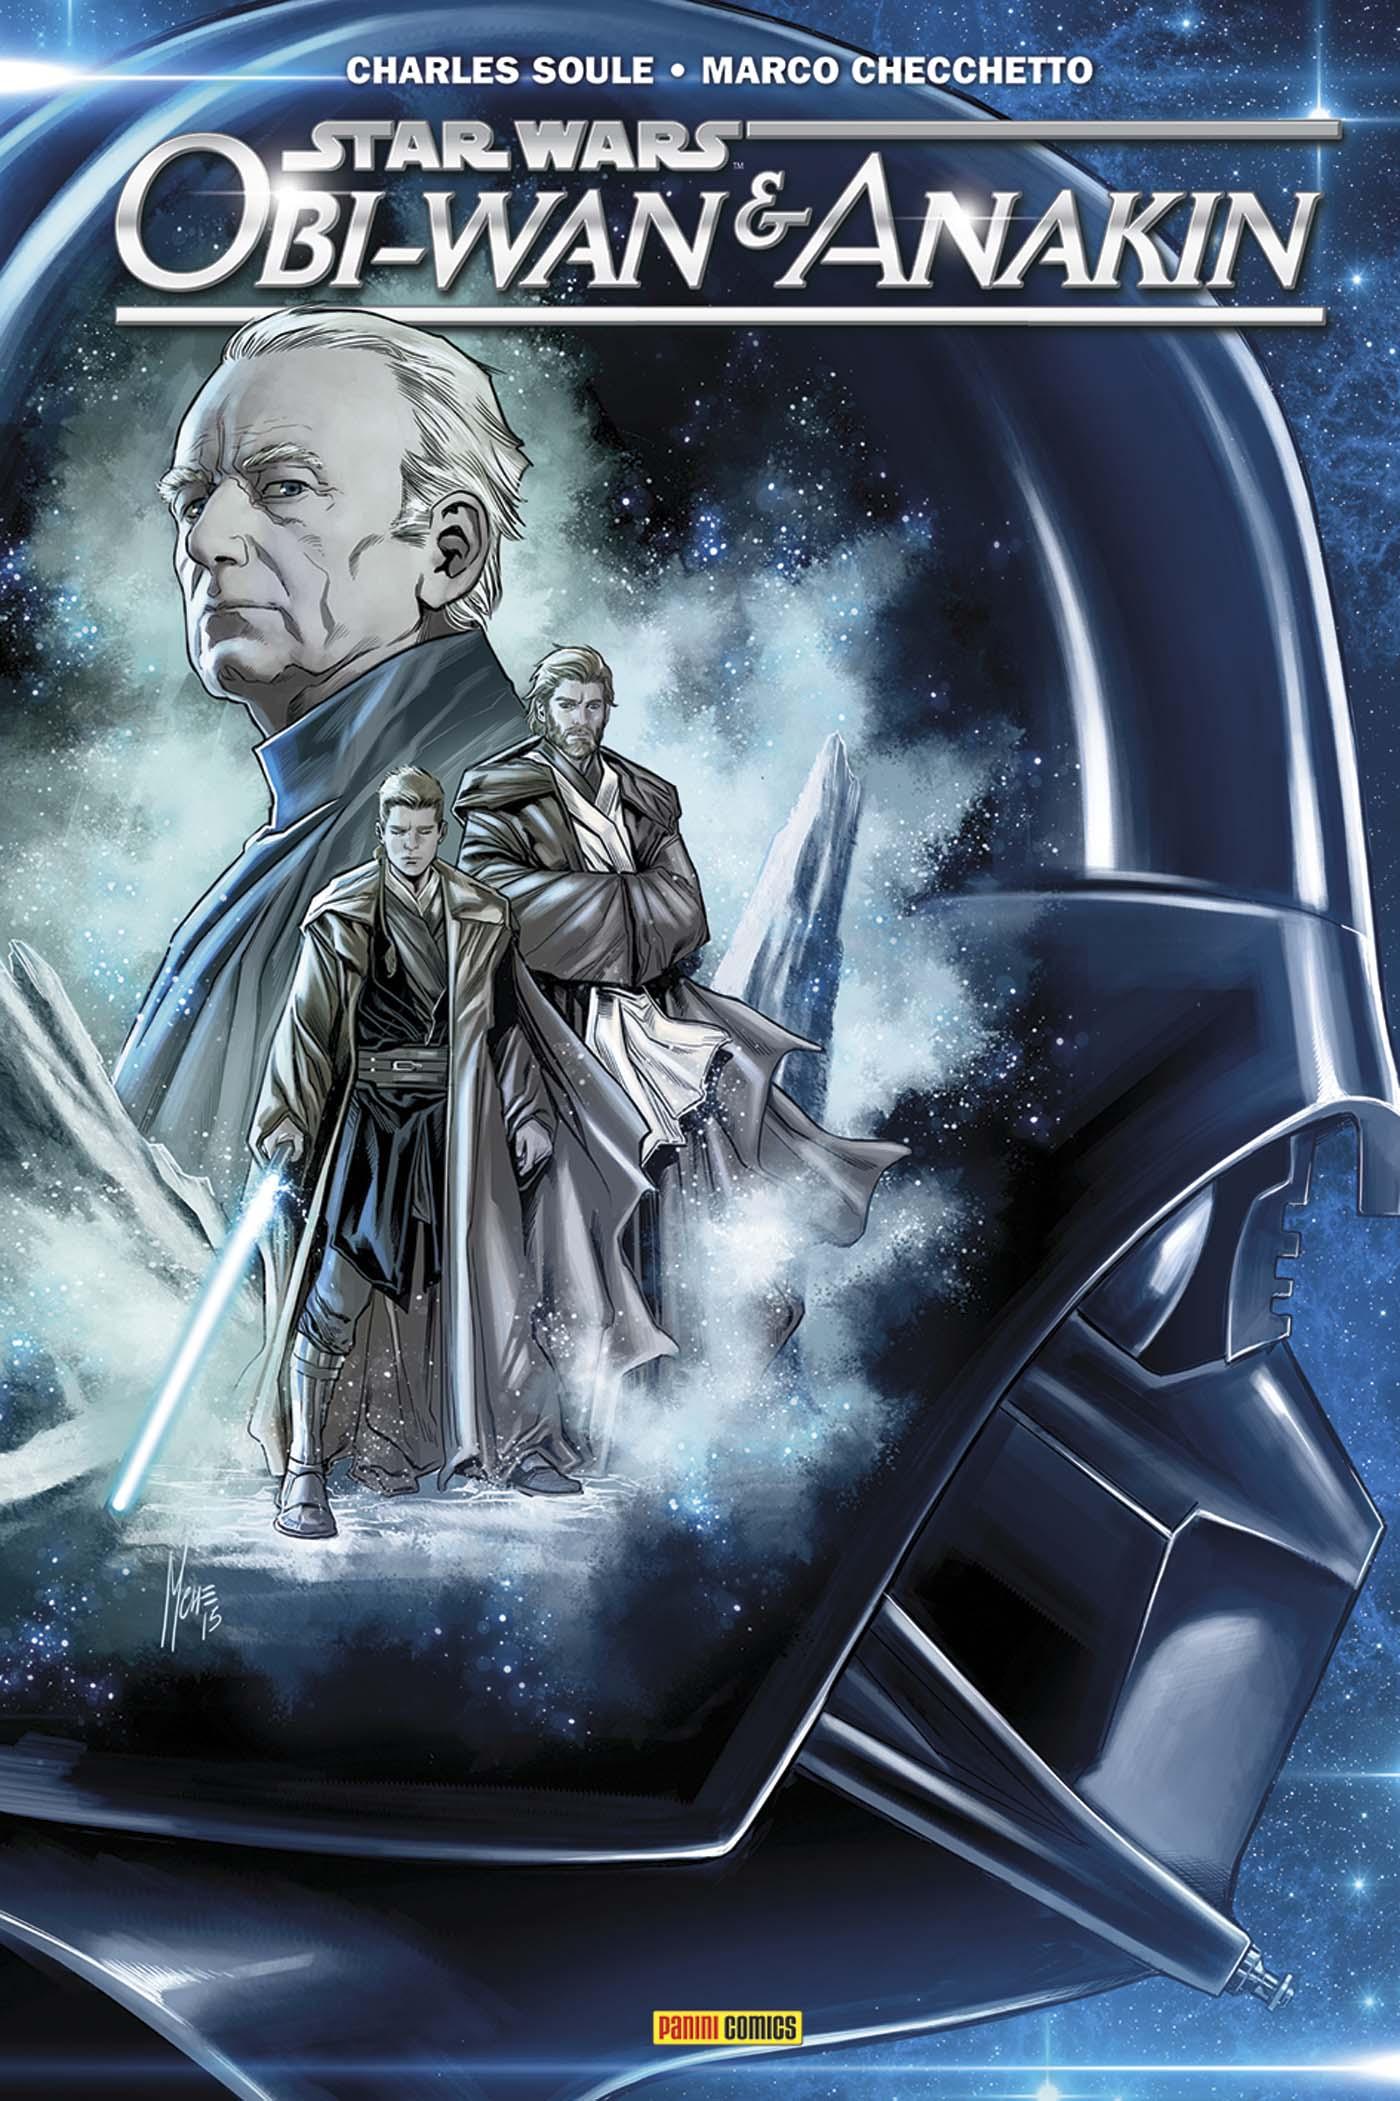 Star Wars - Obi-Wan and Anakin 1 - OBI-WAN & ANAKIN